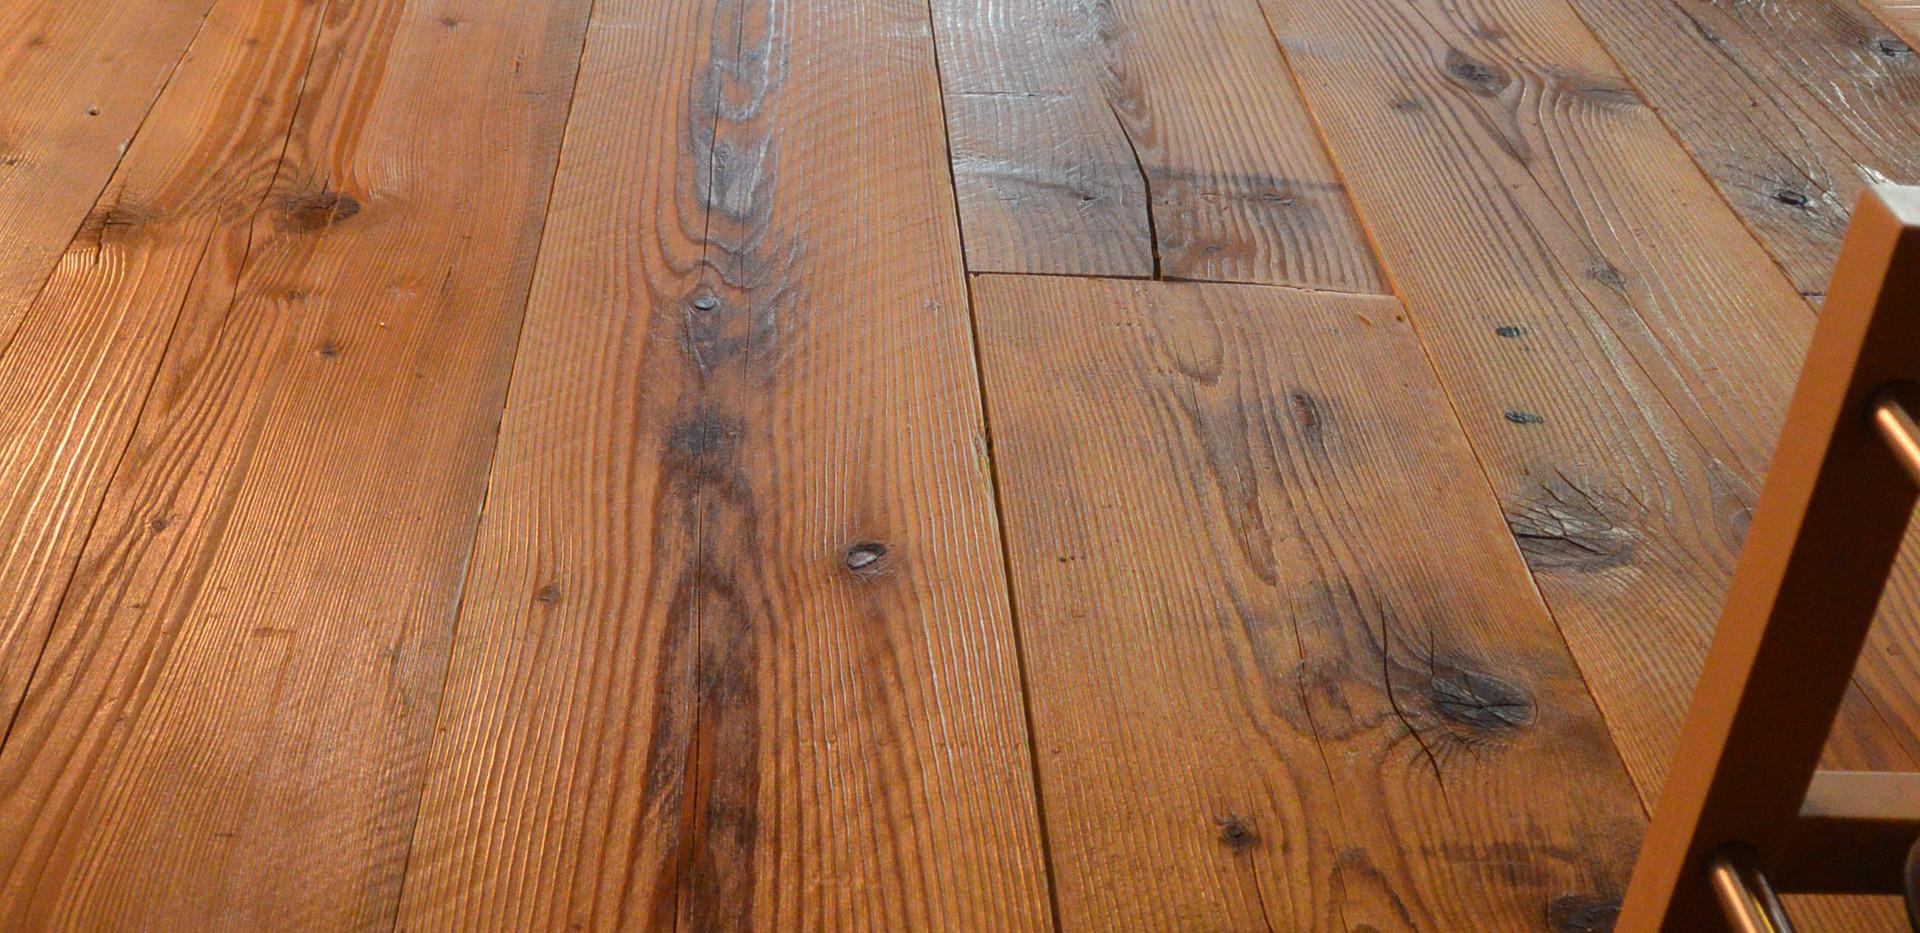 Rénovation plancher Chalet - Menuiserie Valais, Suisse